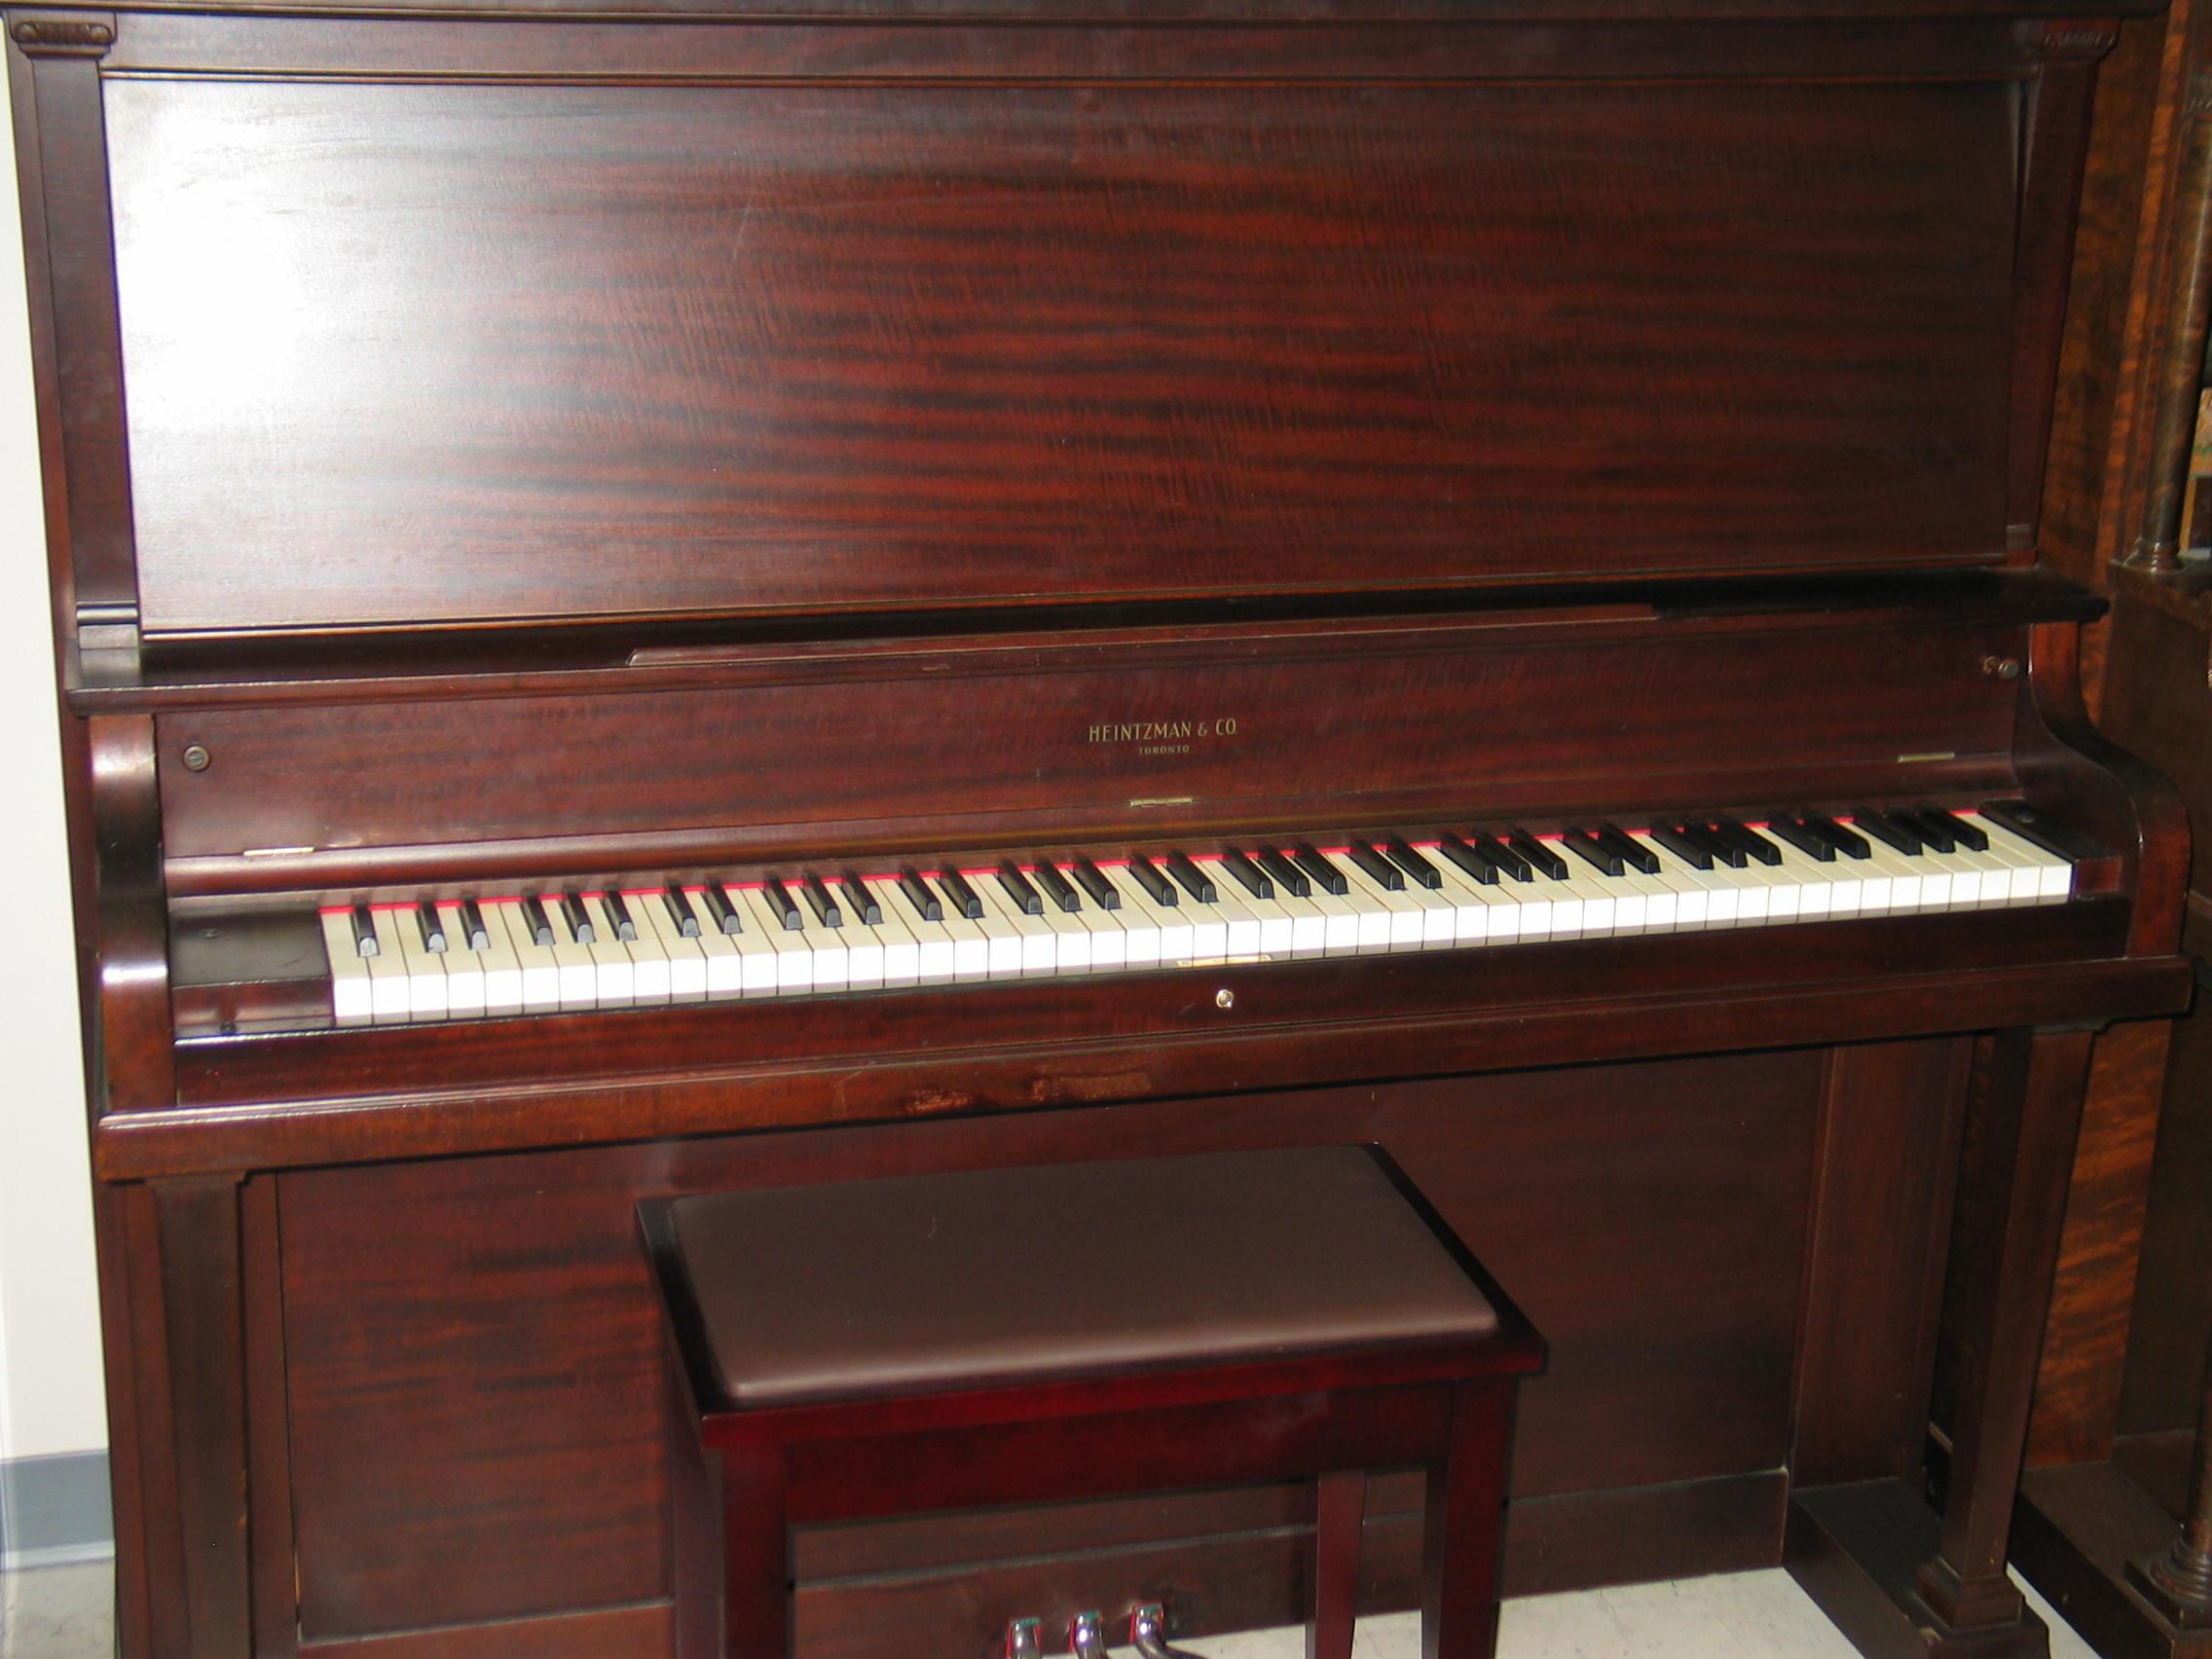 Allison piano heintzman for Smallest piano size